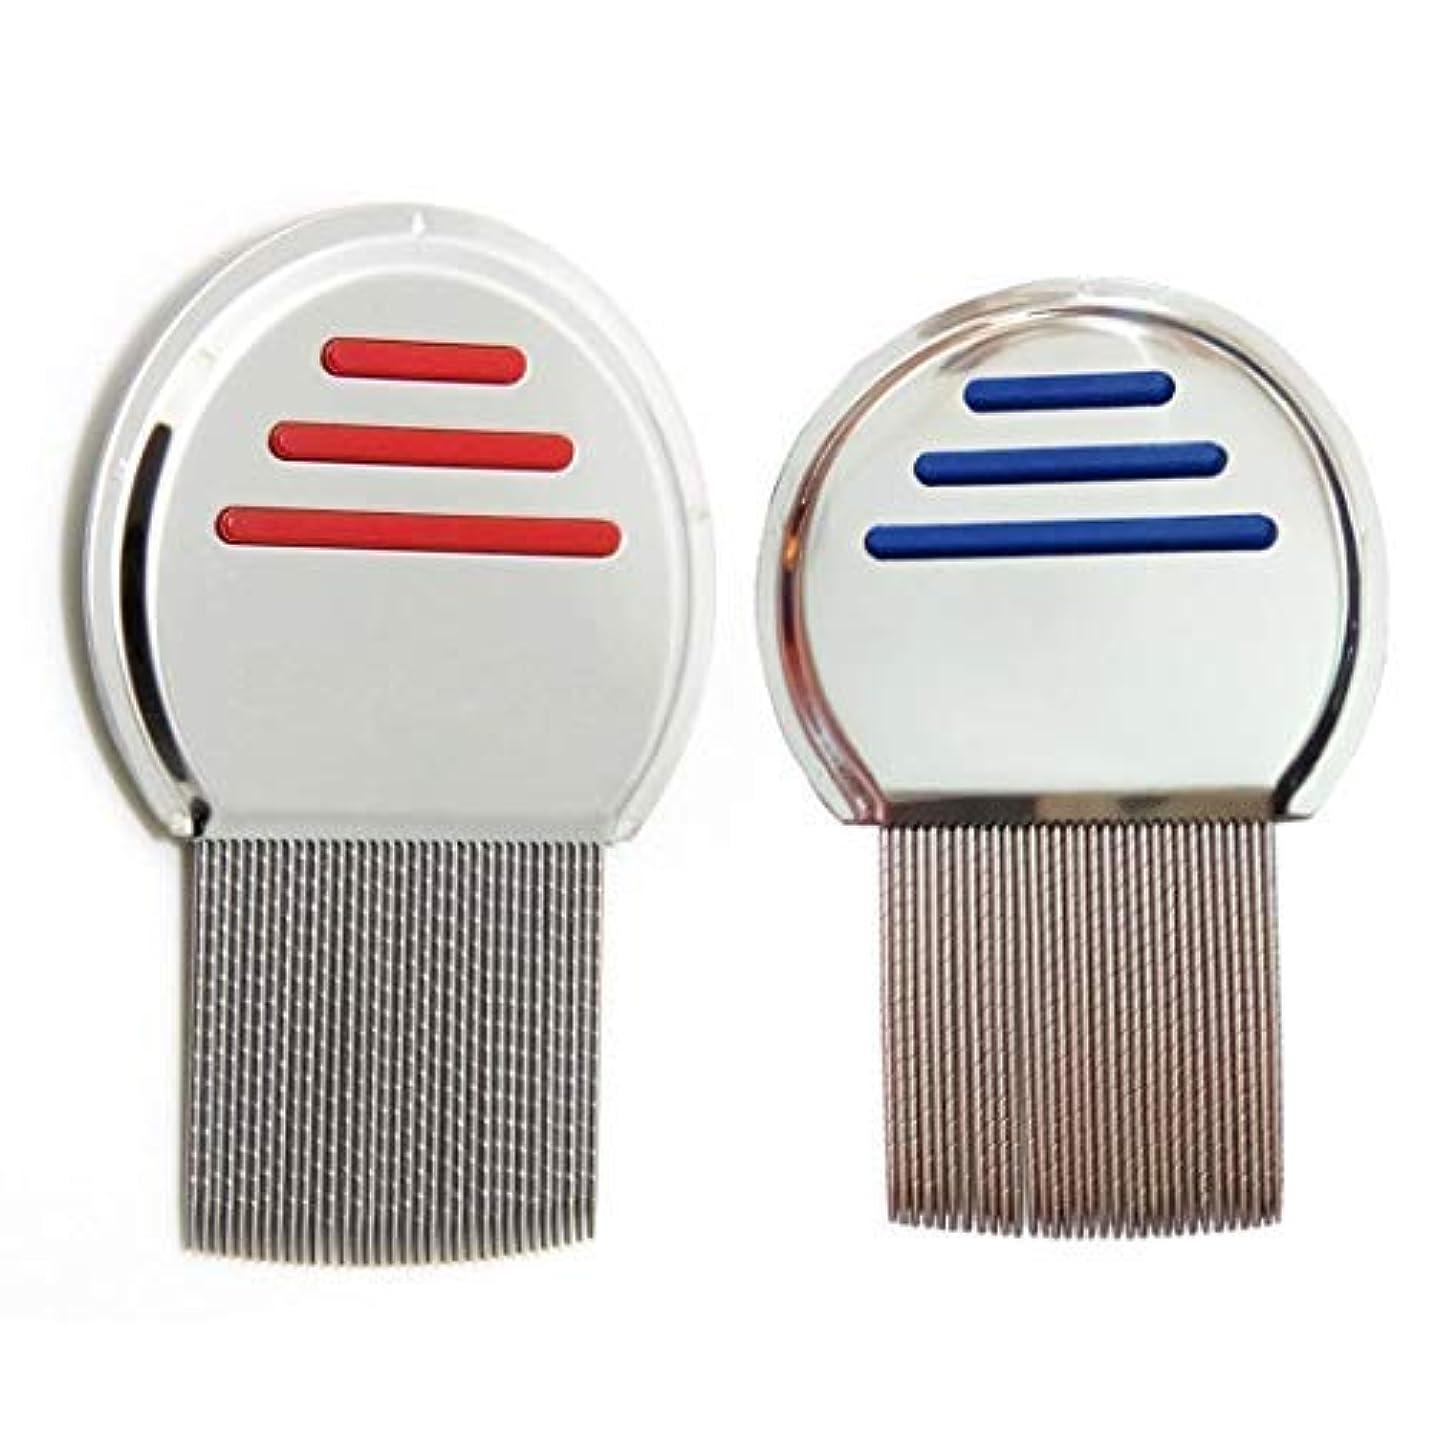 スパイ有望反逆者2 Pcs Stainless Steel Lice Dandruff Comb [並行輸入品]